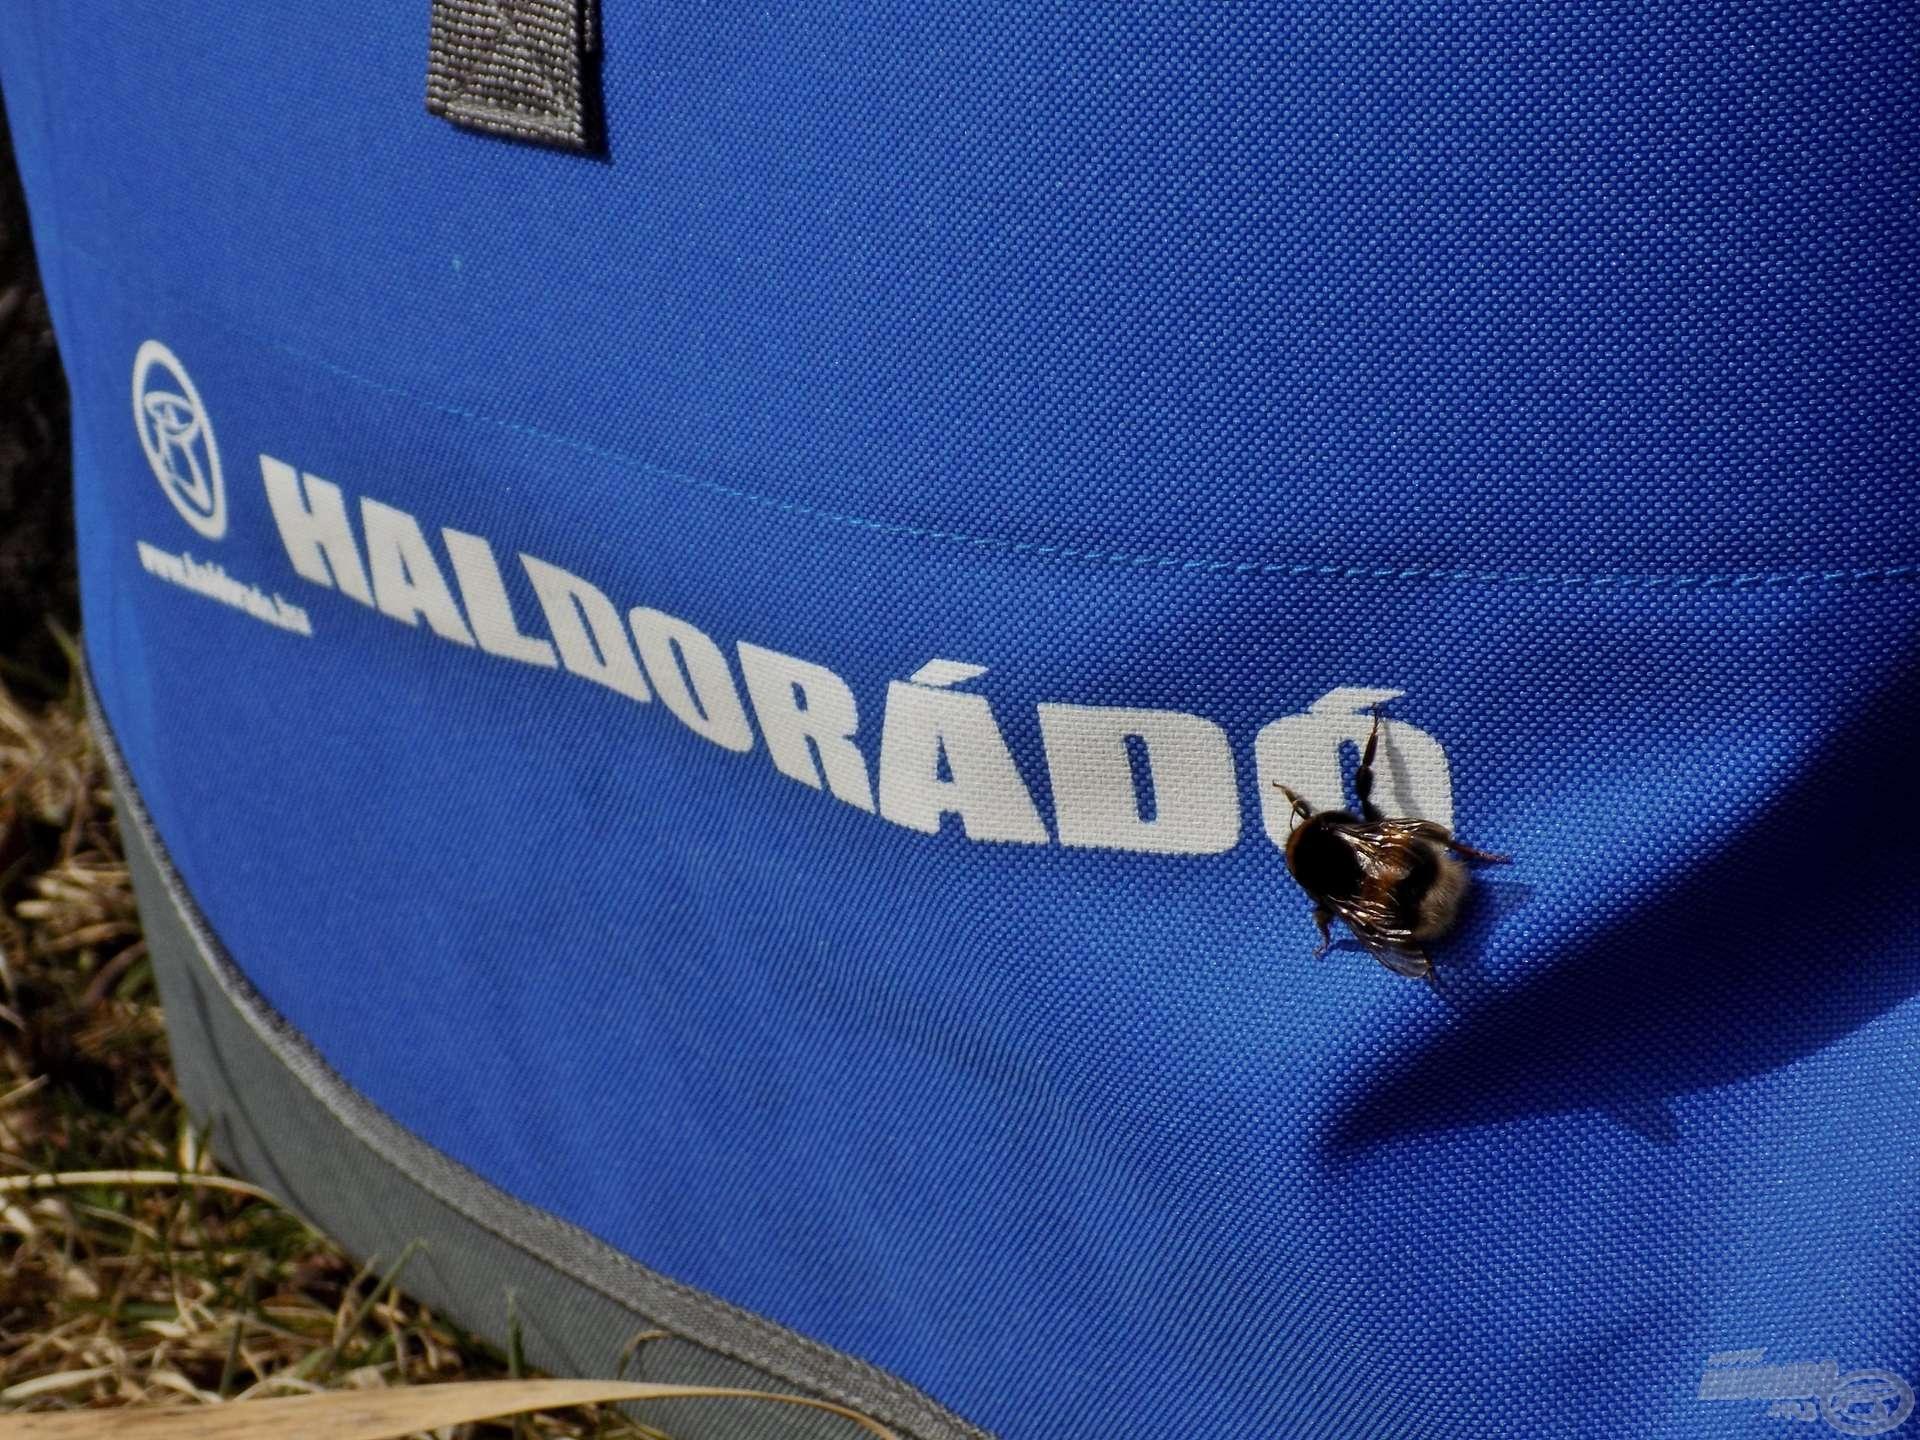 A természet apró felfedezője, ezúttal éppen a szerelékes táskámat vette alaposan szemügyre